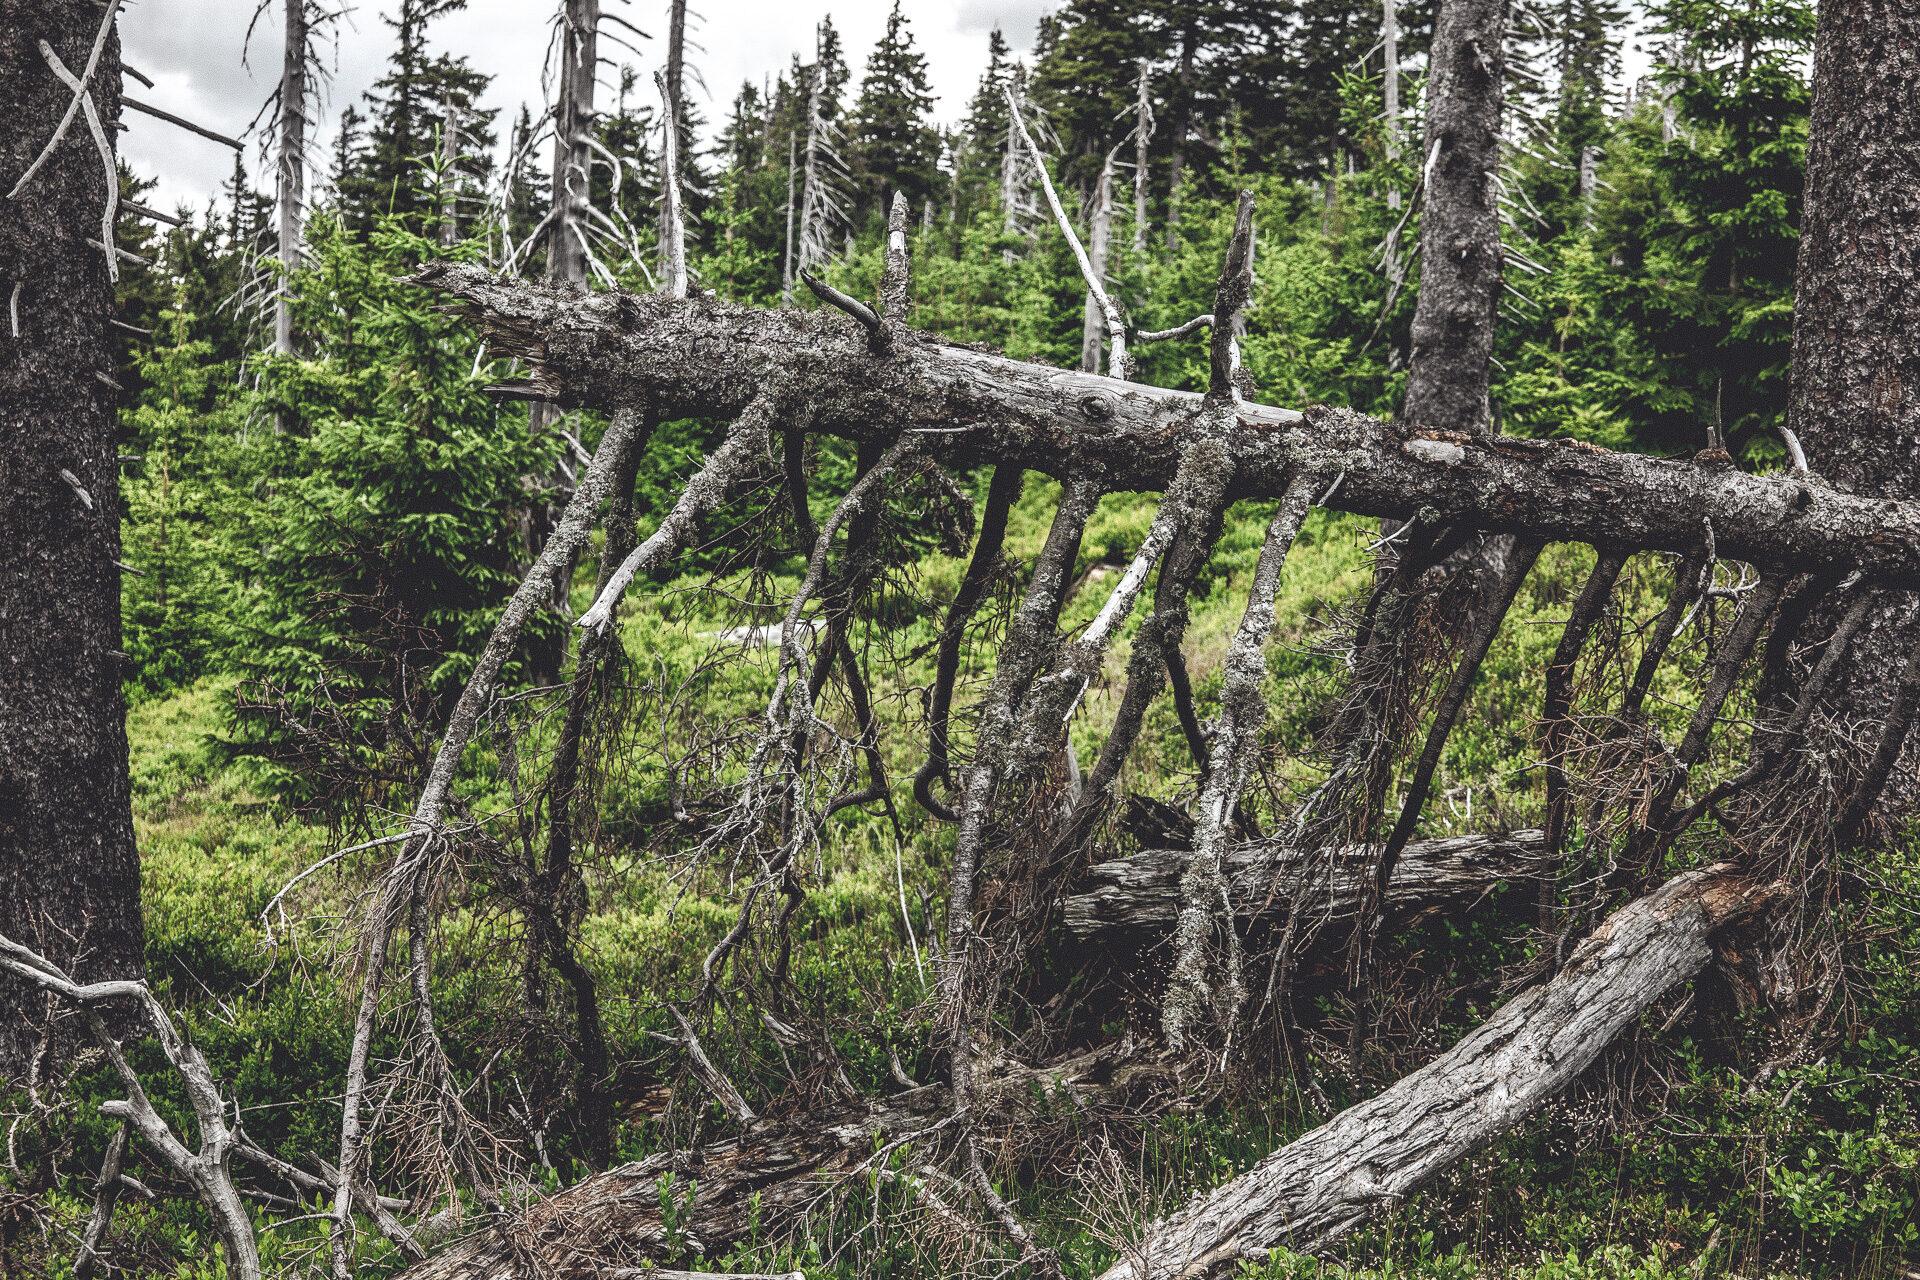 ... mit abgestorbenen Bäumen